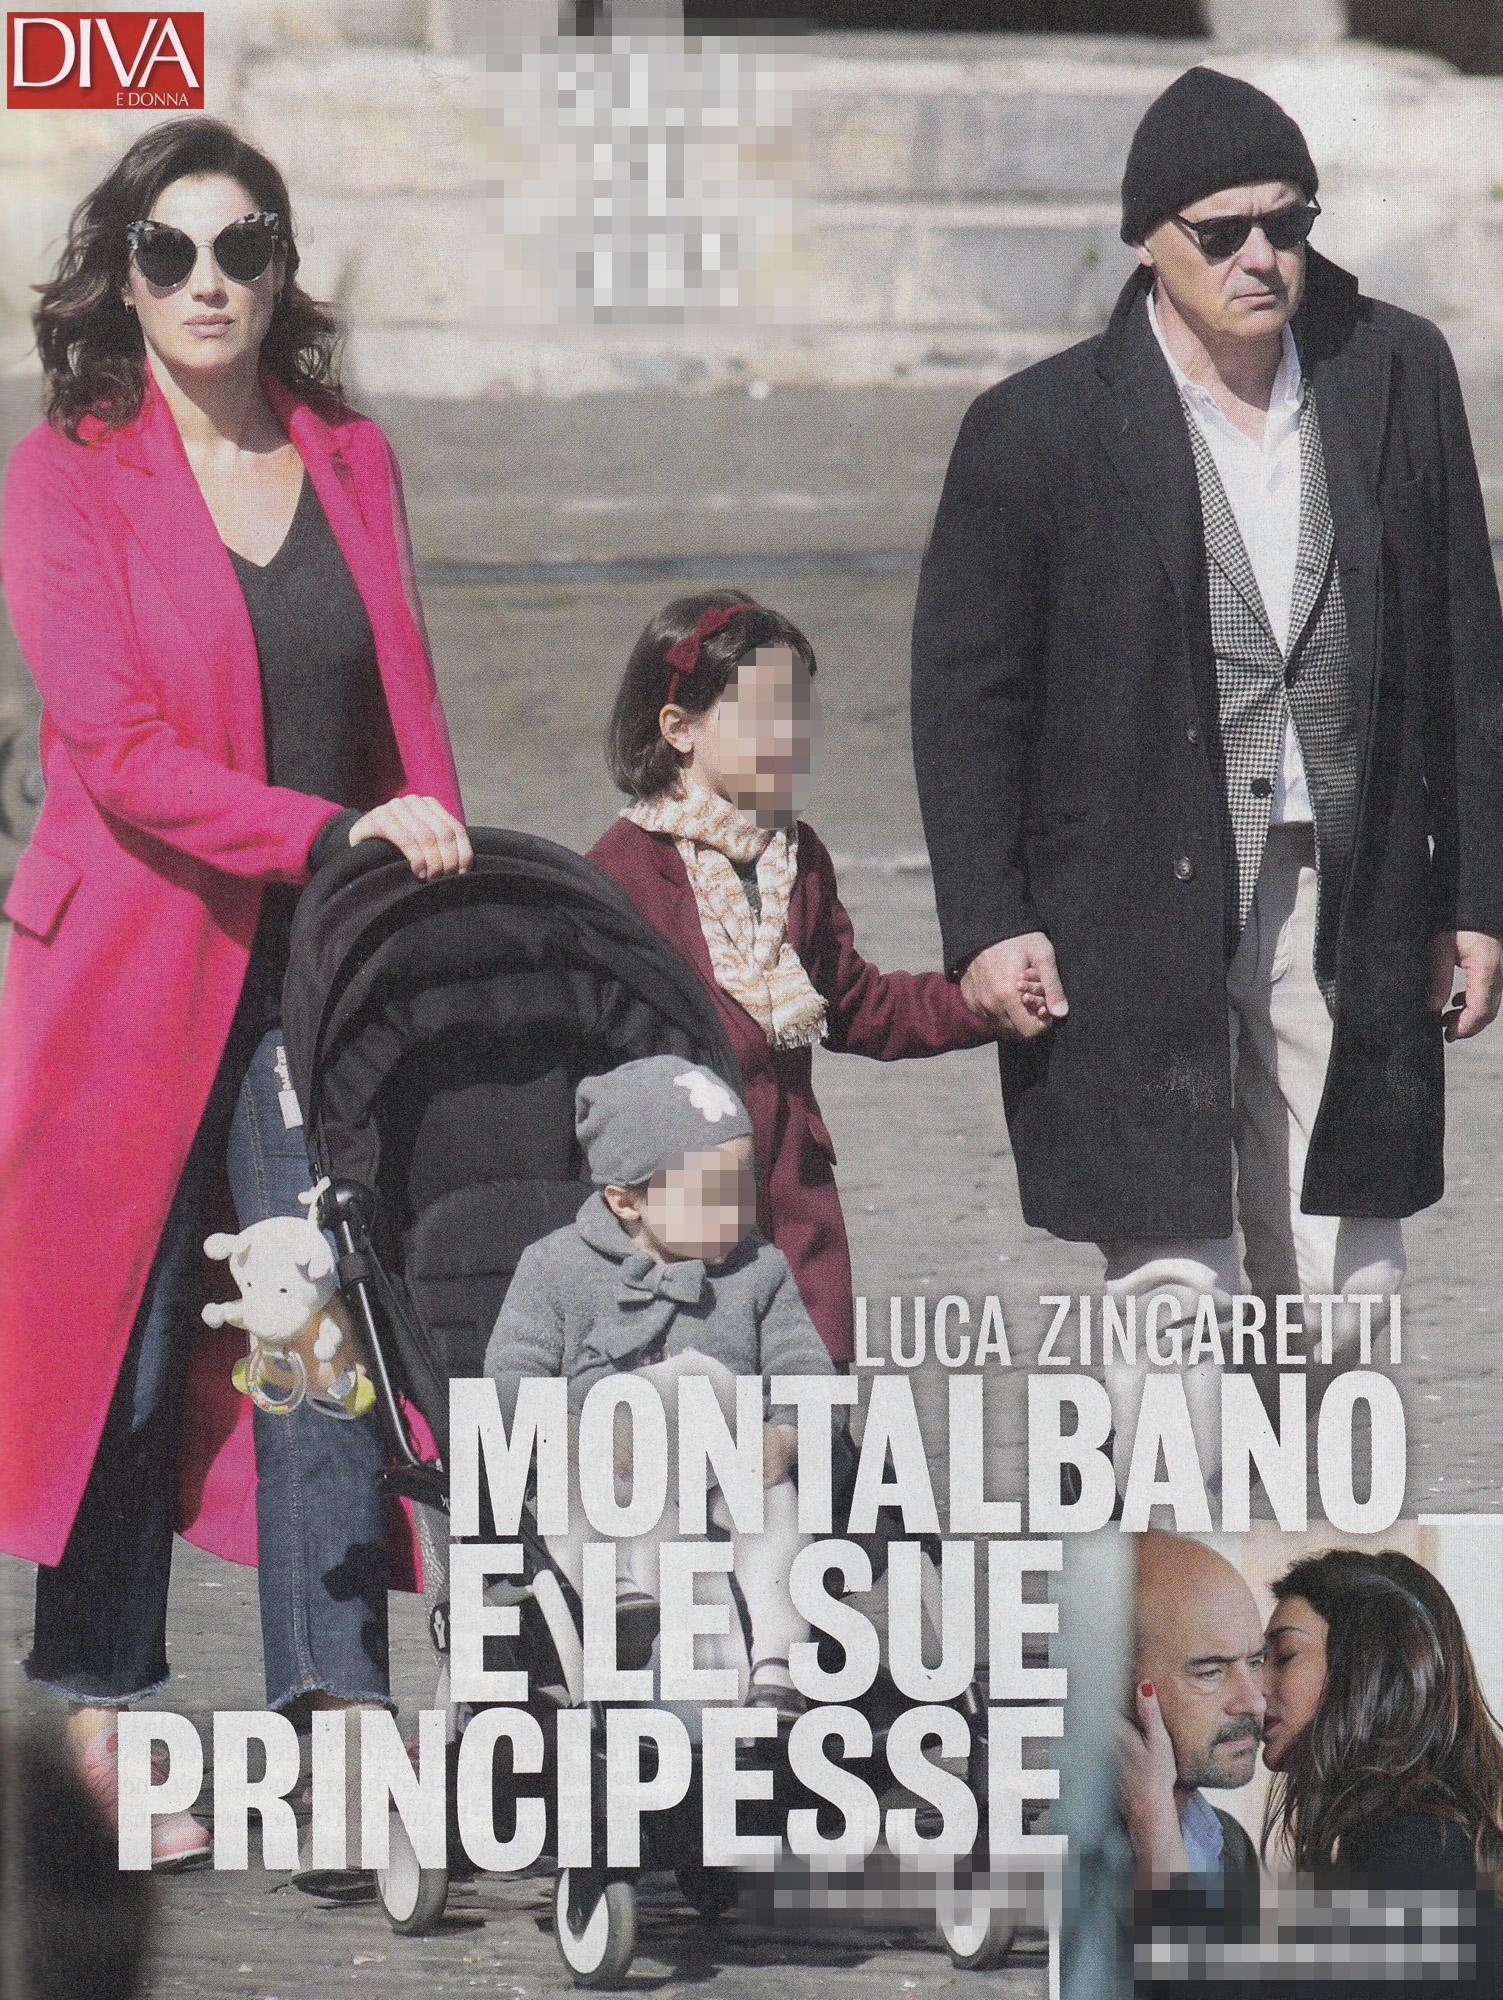 Luca Zingaretti e Luisa Ranieri, che happy family!